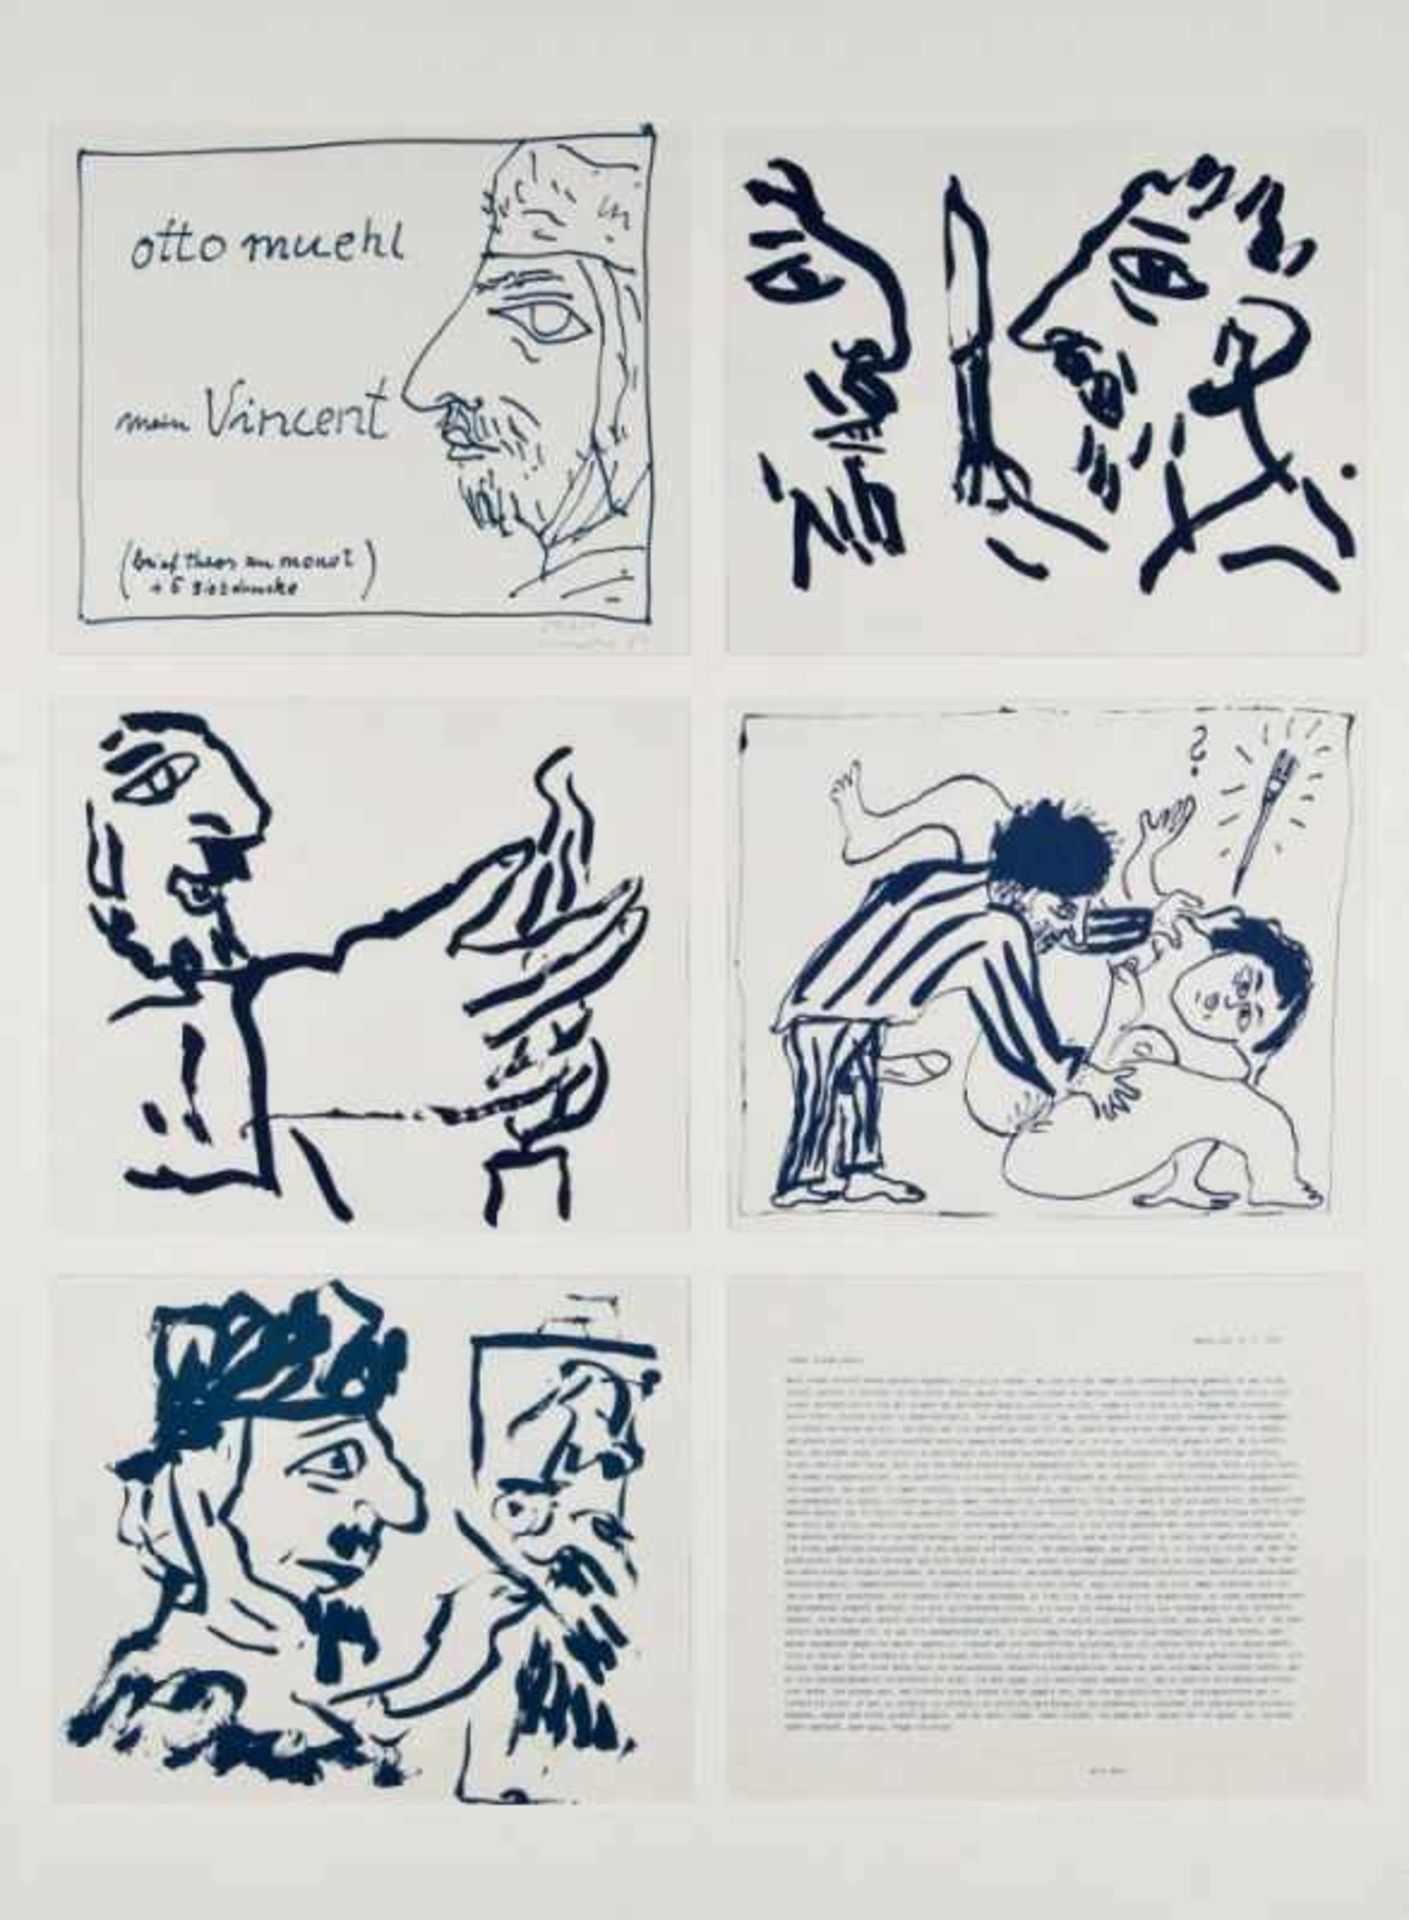 OTTO MUEHL(1925 GRODNAU - 2013 MONCARAPACHO)MEIN VINCENT, 1984Brief Theos an Monet und fünf